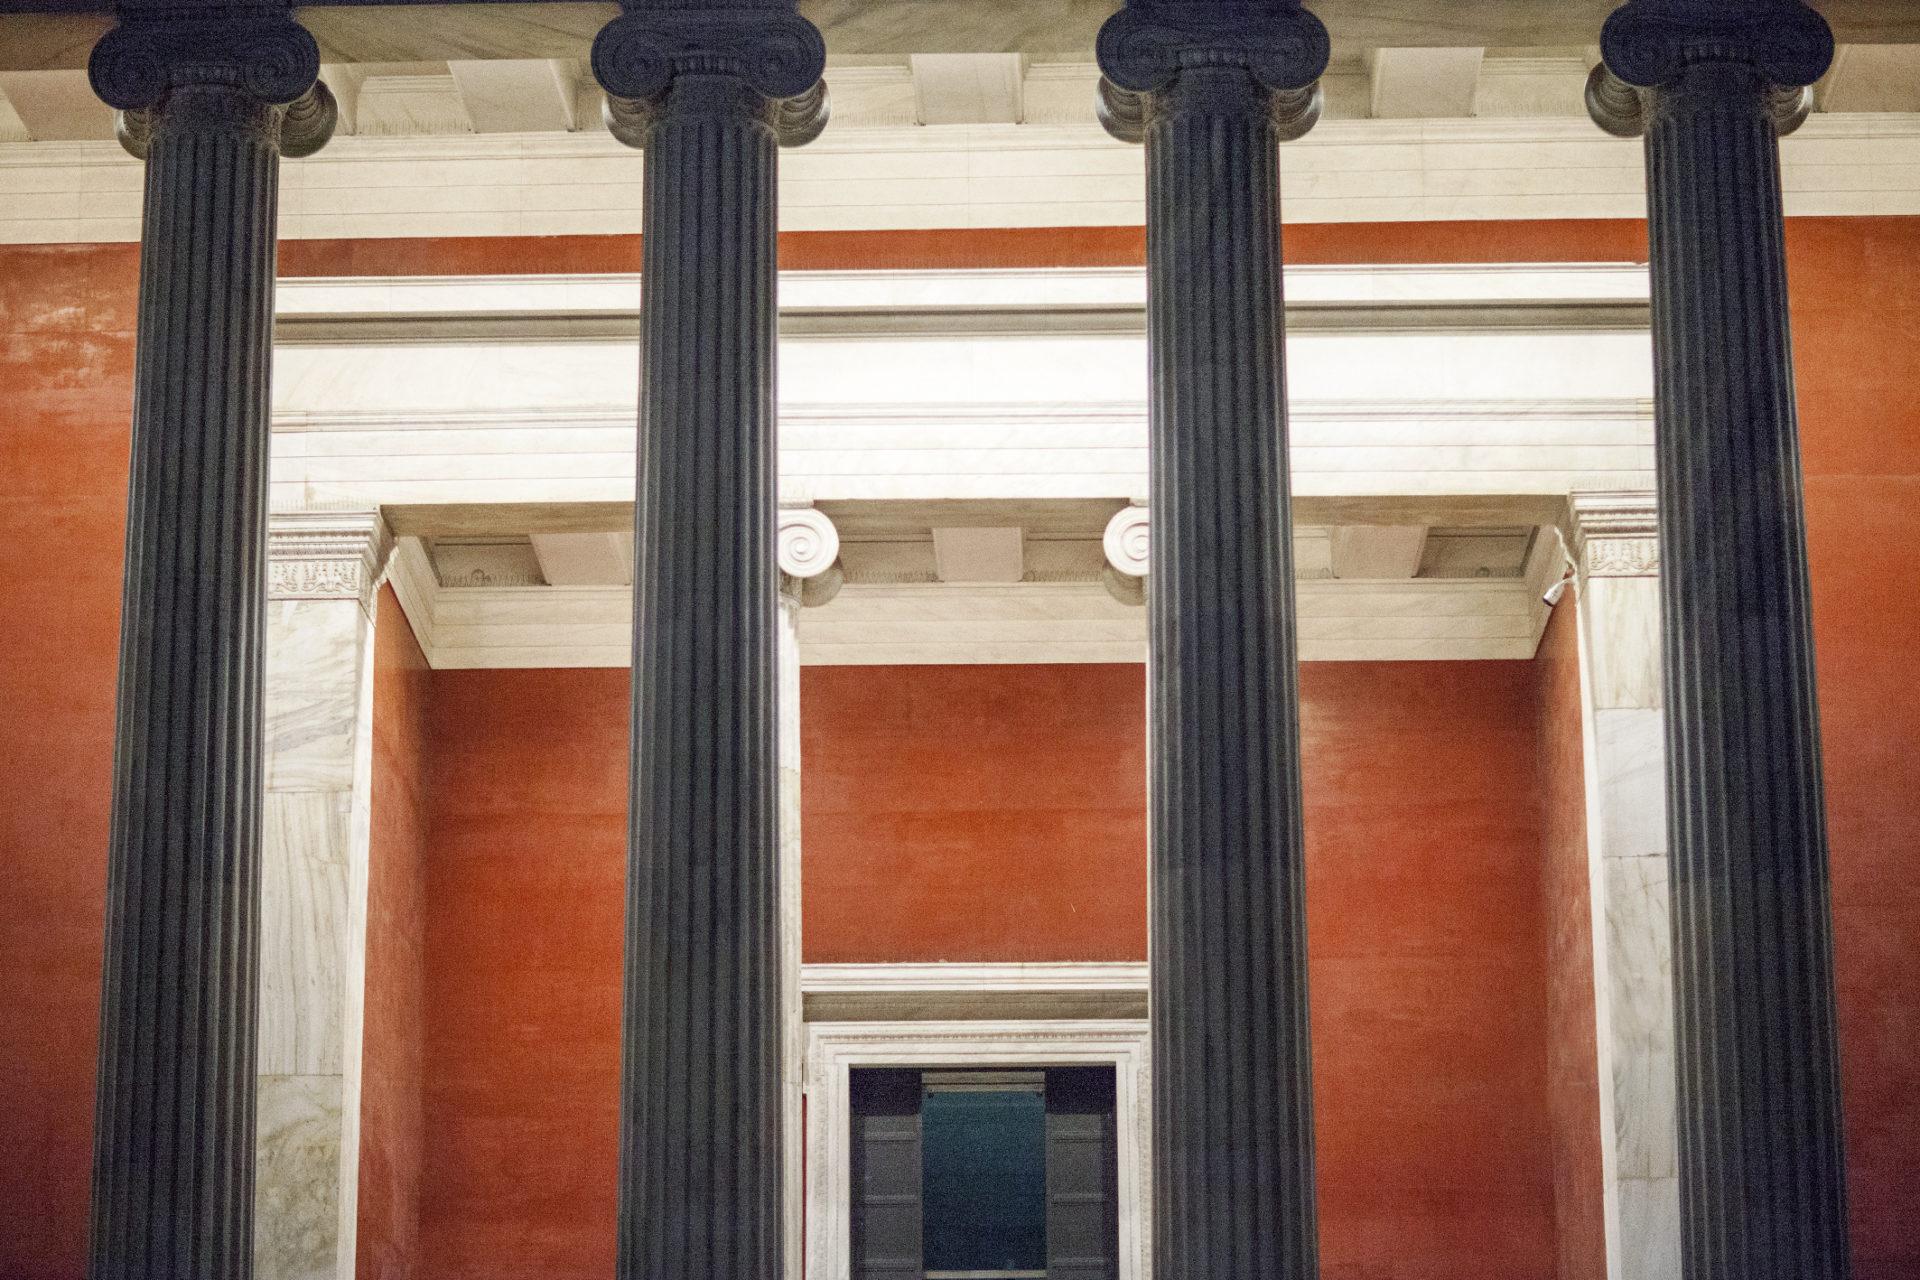 μουσείο-αρχαιολογικό-Αθήνα